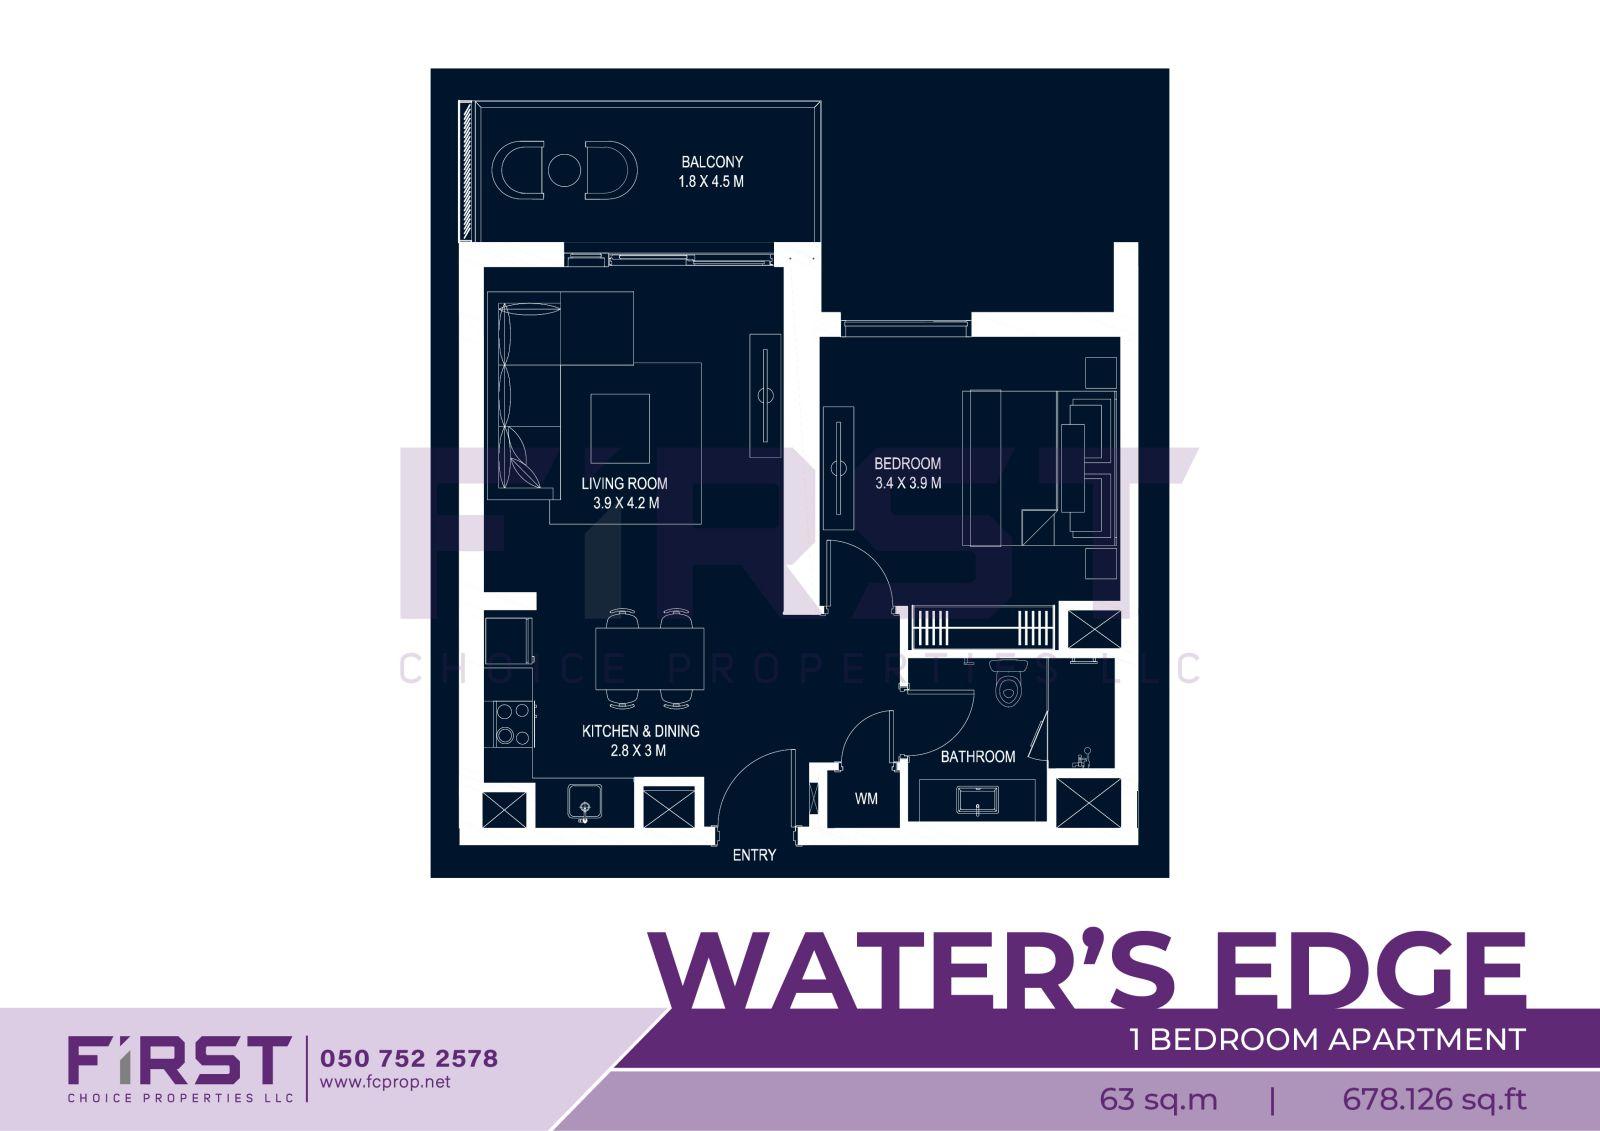 Floor Plan of 1 Bedroom Apartment in Water's Edge Yas Island Abu Dhabi UAE 63 sq.m 678.126 sq.ft.jpg